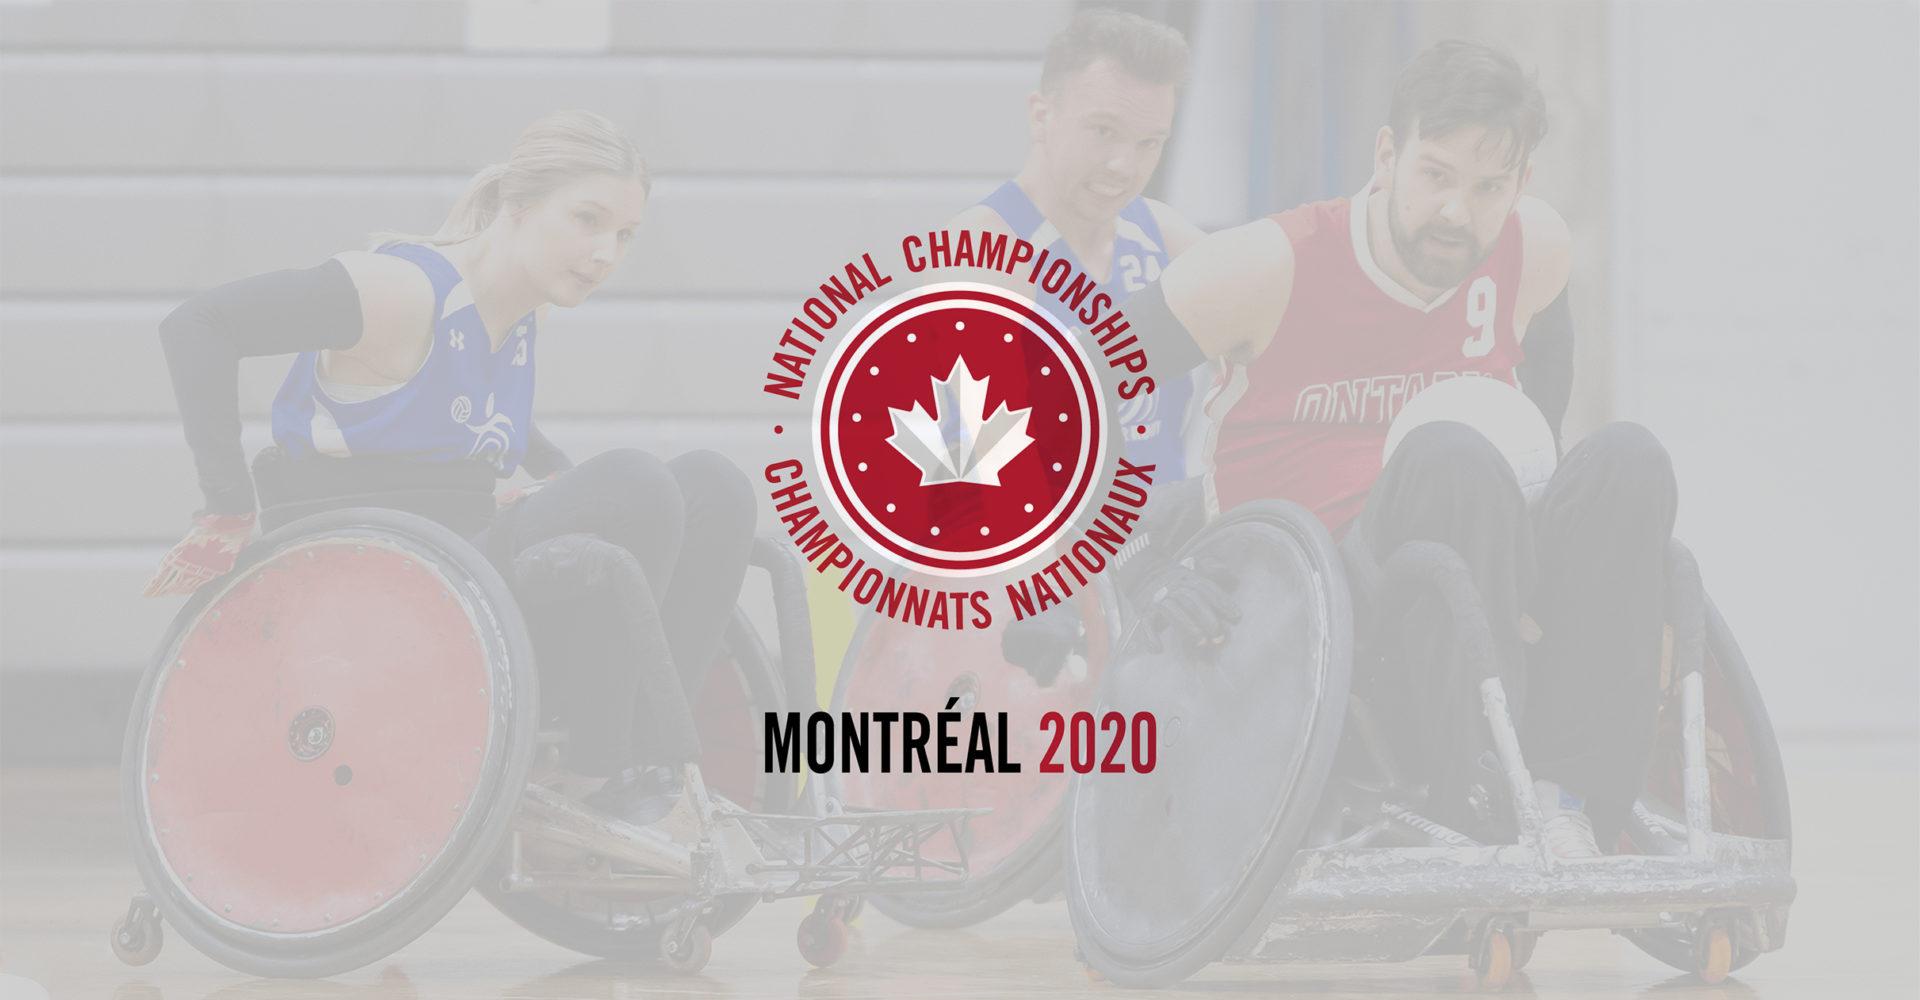 LES CHAMPIONNATS NATIONAUX 2020 SE TIENDRA À MONTRÉAL